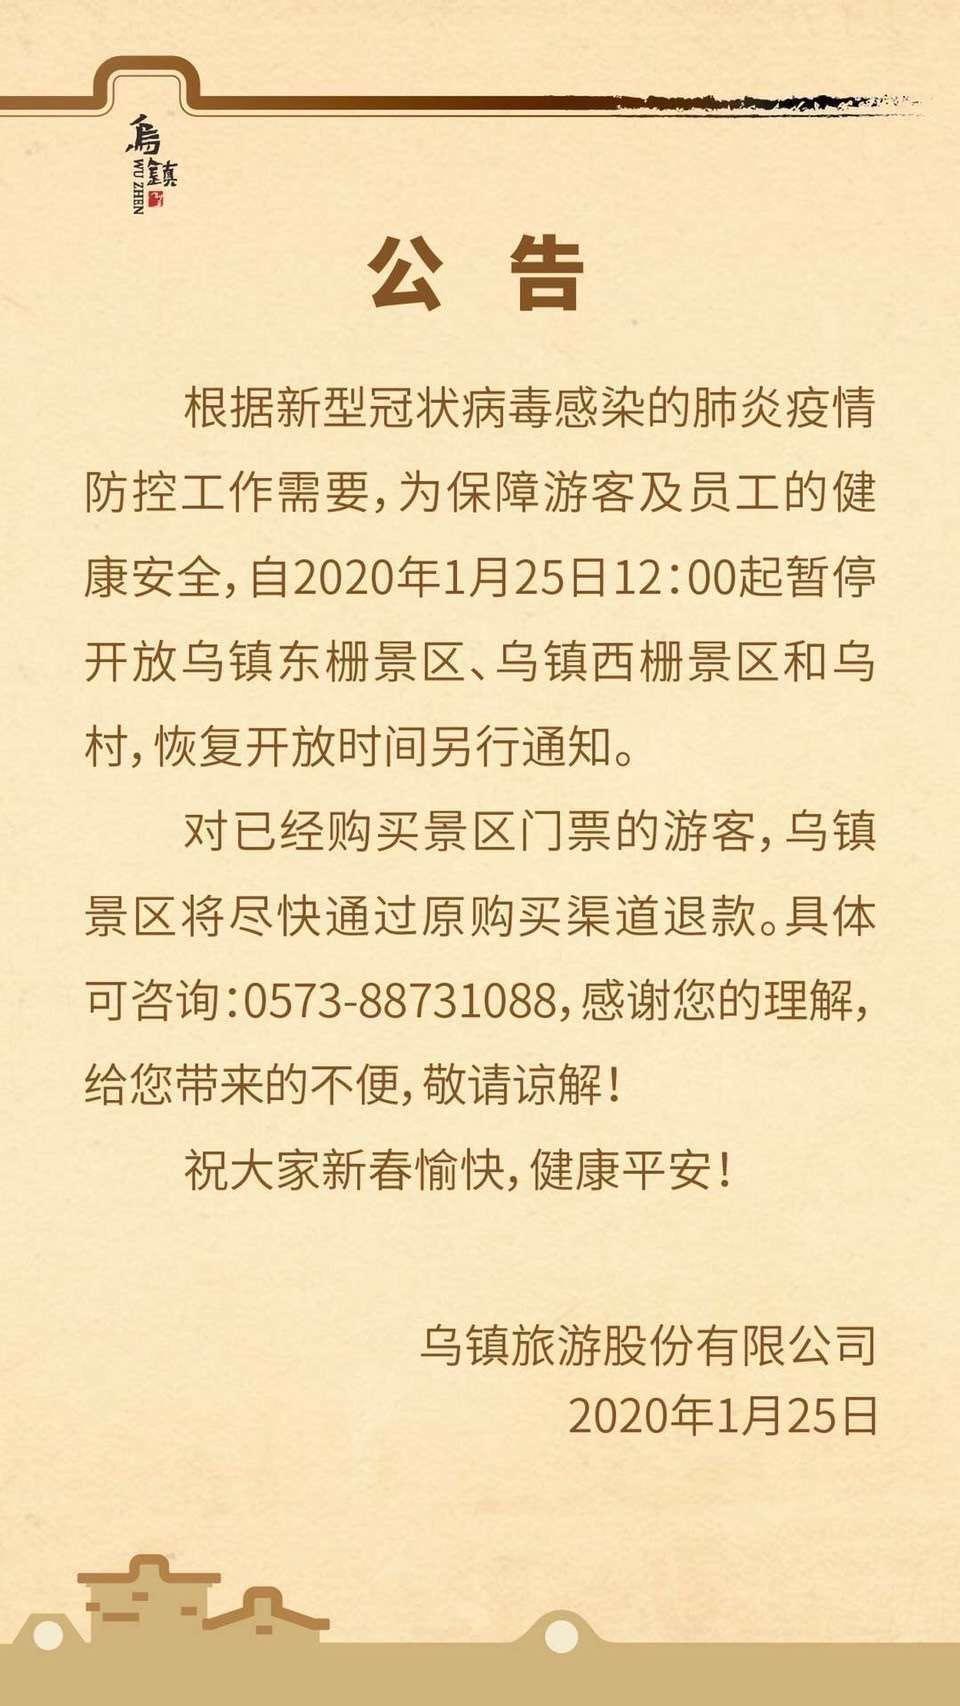 古北水镇、乌镇景区暂停开放